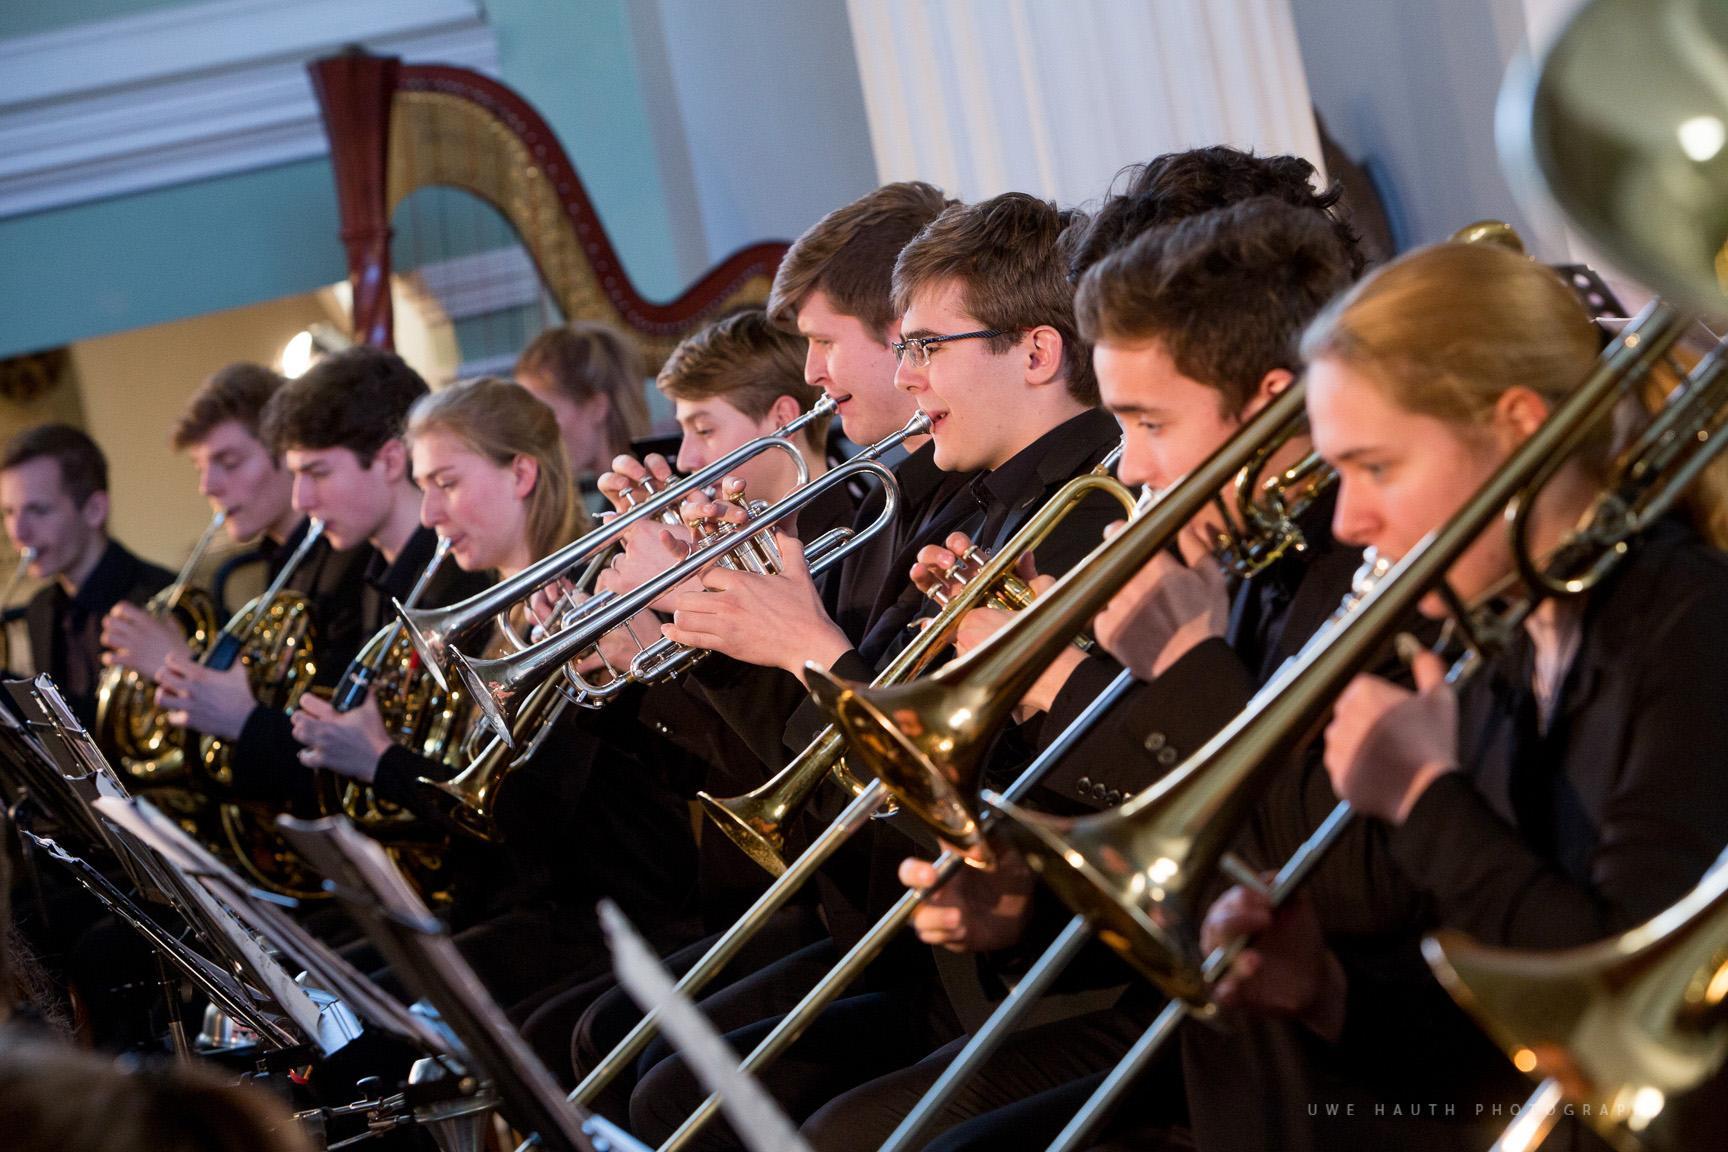 Bläsergruppe der Jungen Philharmonie